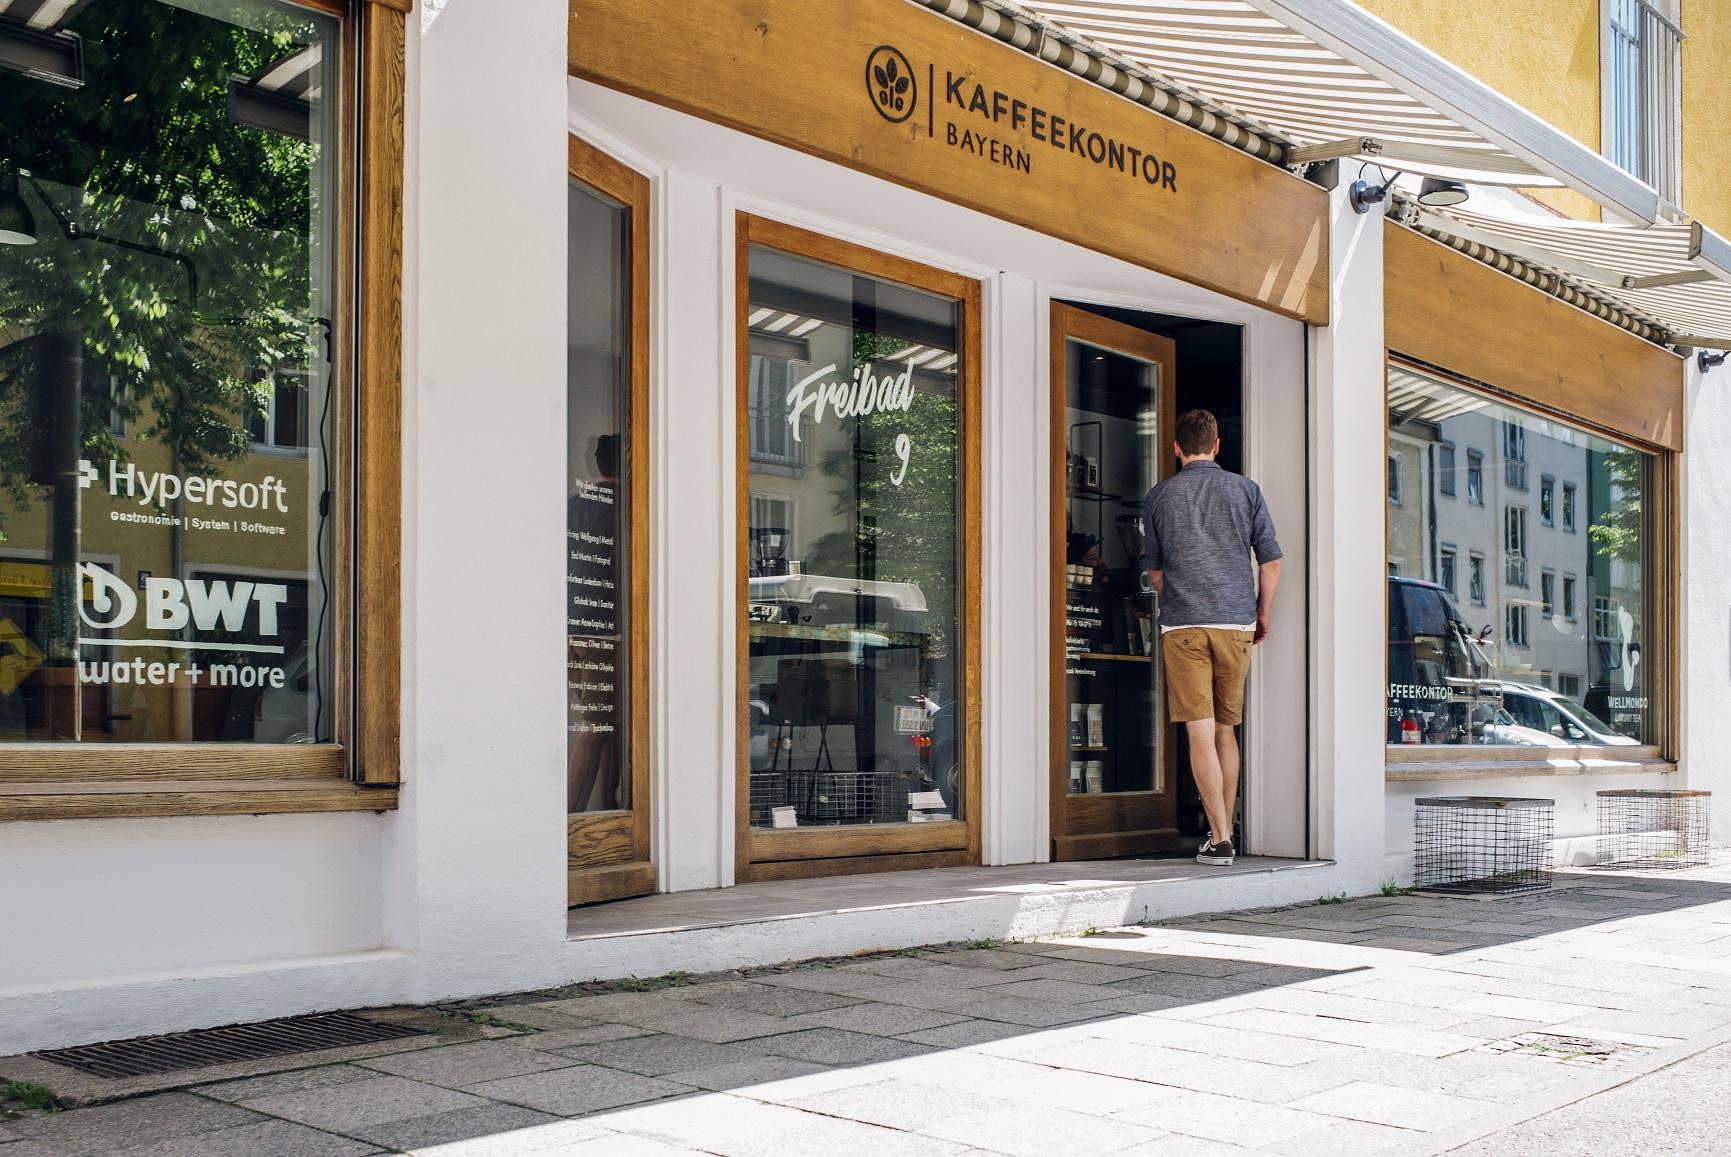 kaffee-kontor-außen-170517_0031.jpg